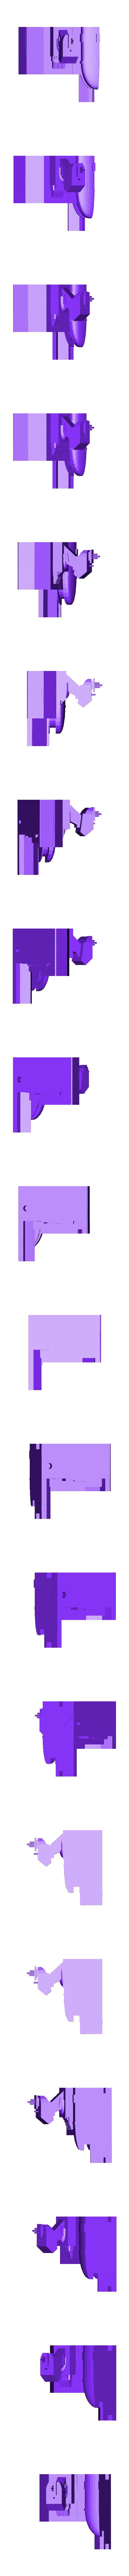 Rear_FrontTop_A.stl Télécharger fichier STL gratuit Frégate Nebulon B (coupée et sectionnée) • Modèle pour impression 3D, Masterkookus